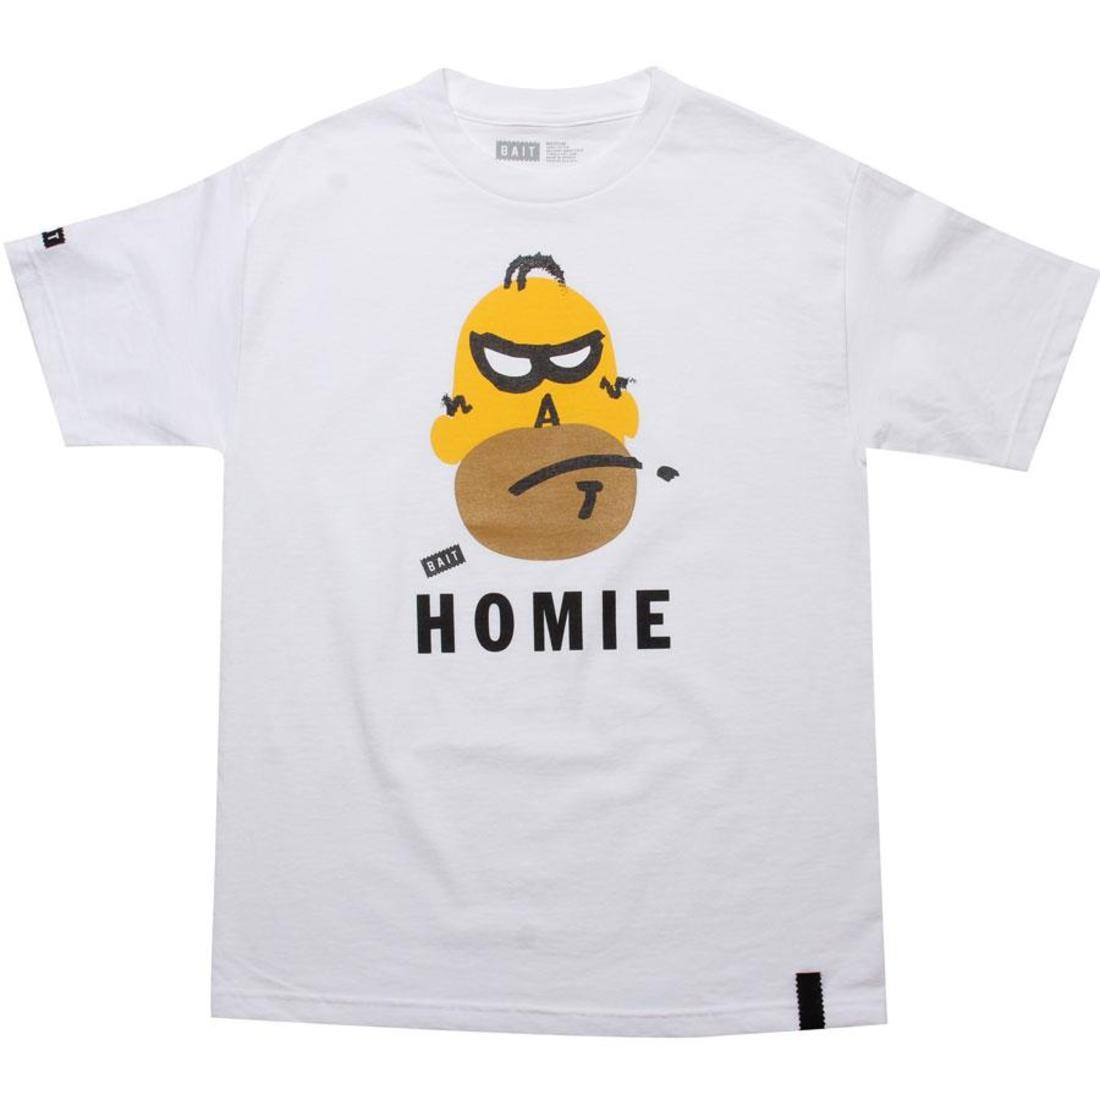 Tシャツ 【 BAIT HOMIE TEE WHITE 】 メンズファッション トップス カットソー 送料無料